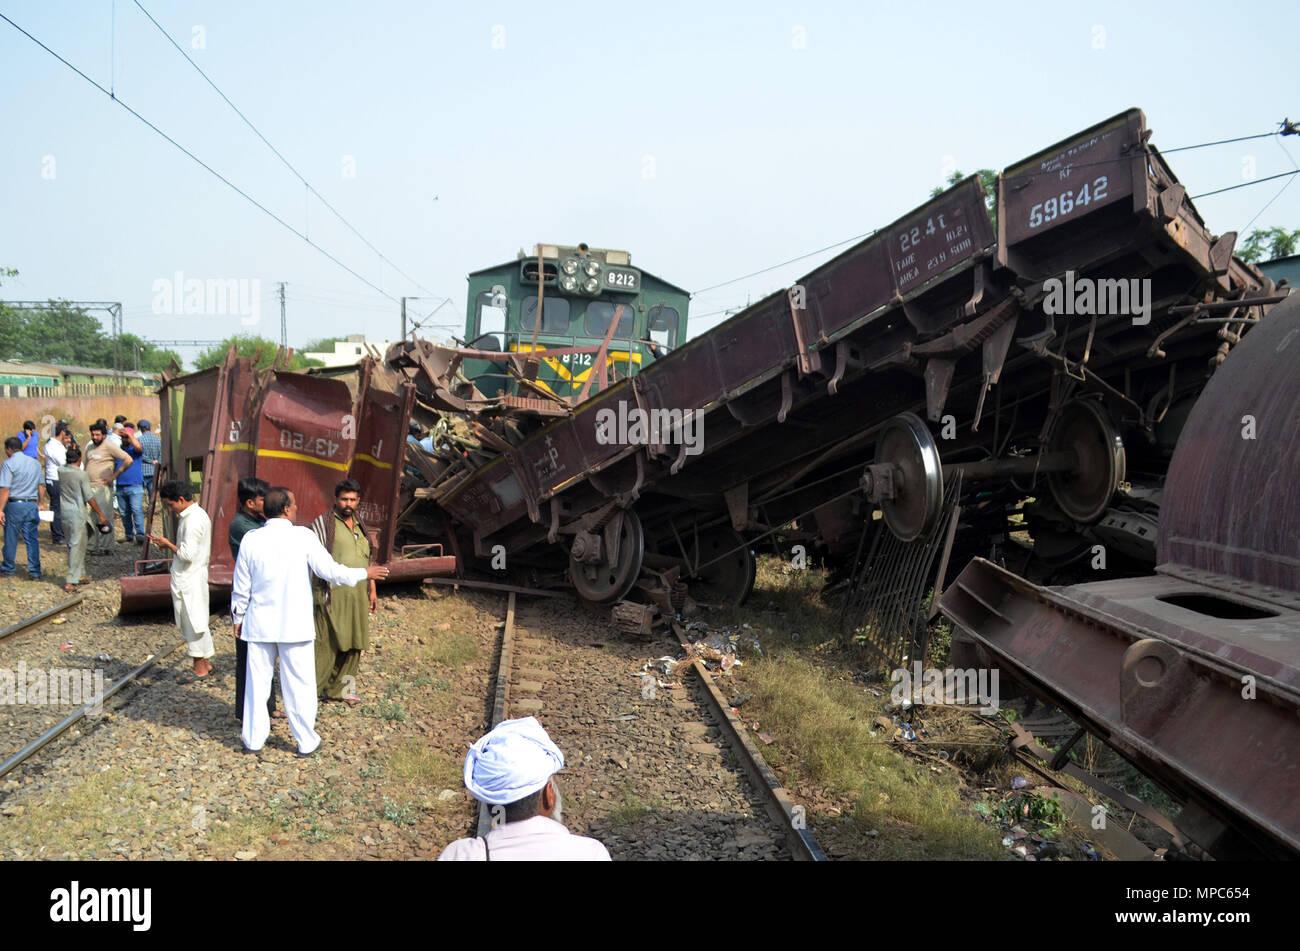 Pakistan Railways Stock Photos & Pakistan Railways Stock